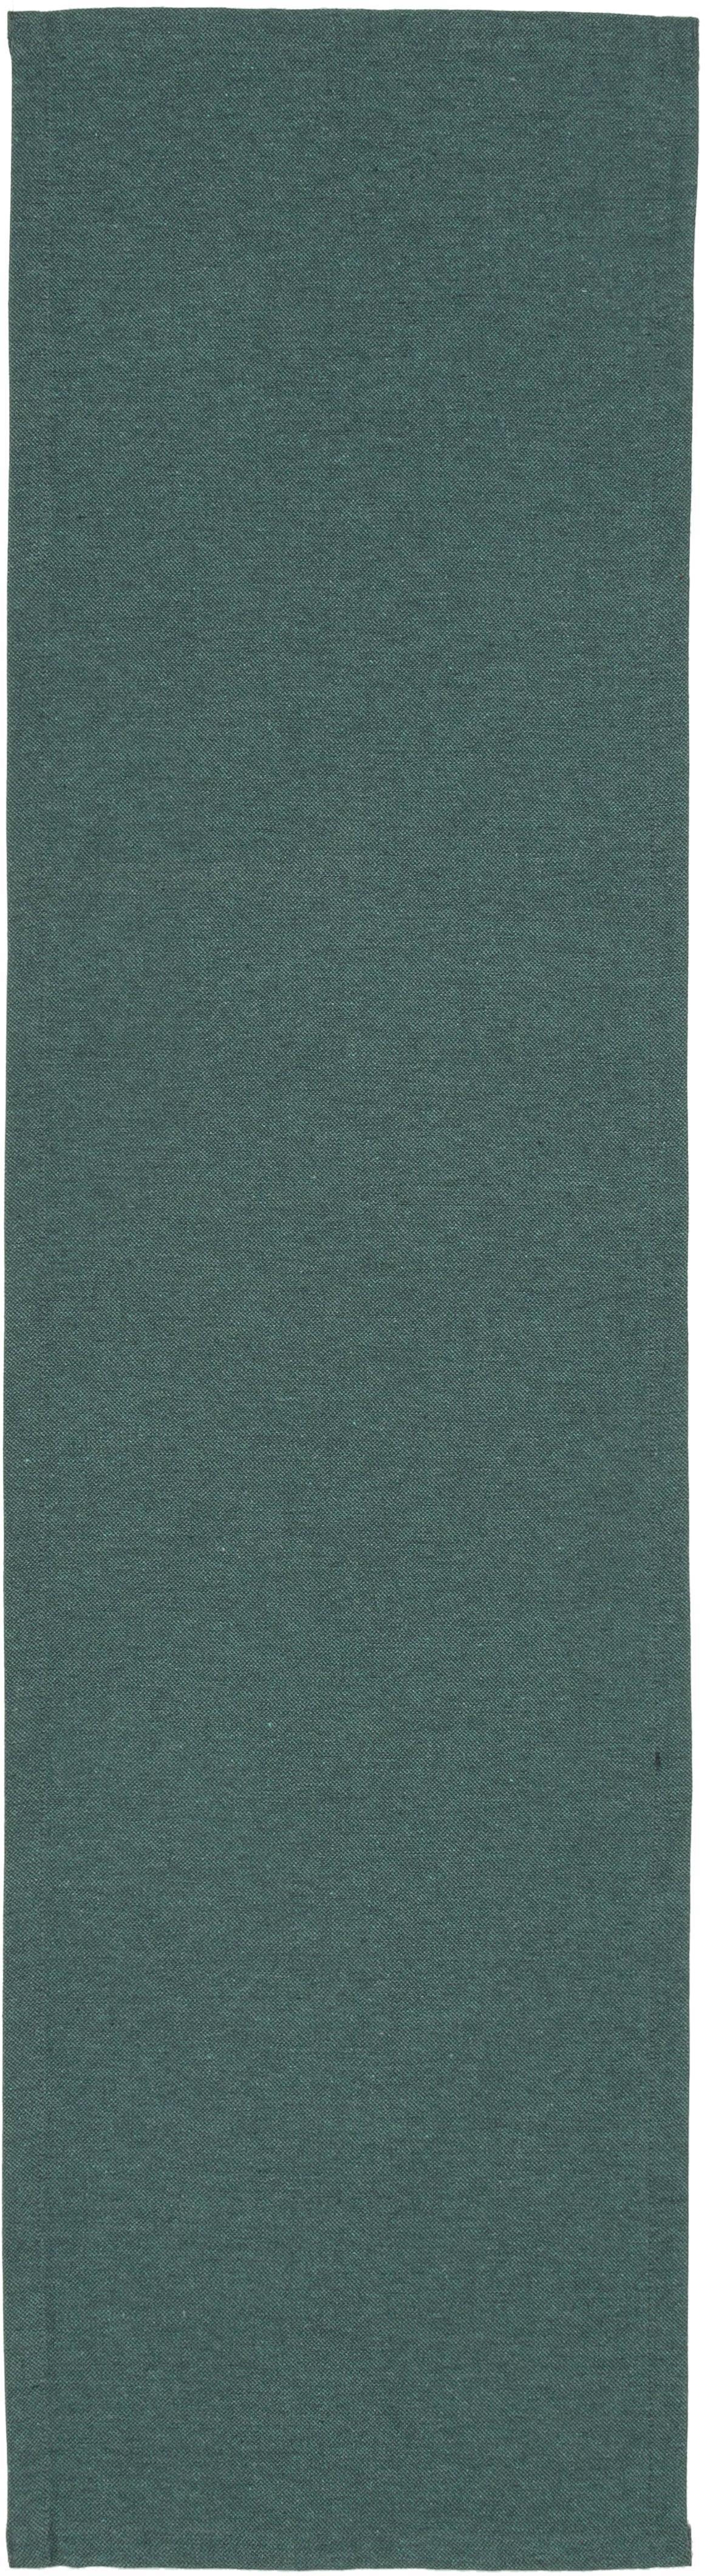 Camino de mesa Riva, 55%algodón, 45%poliéster, Azul petróleo, An 40 x L 150 cm